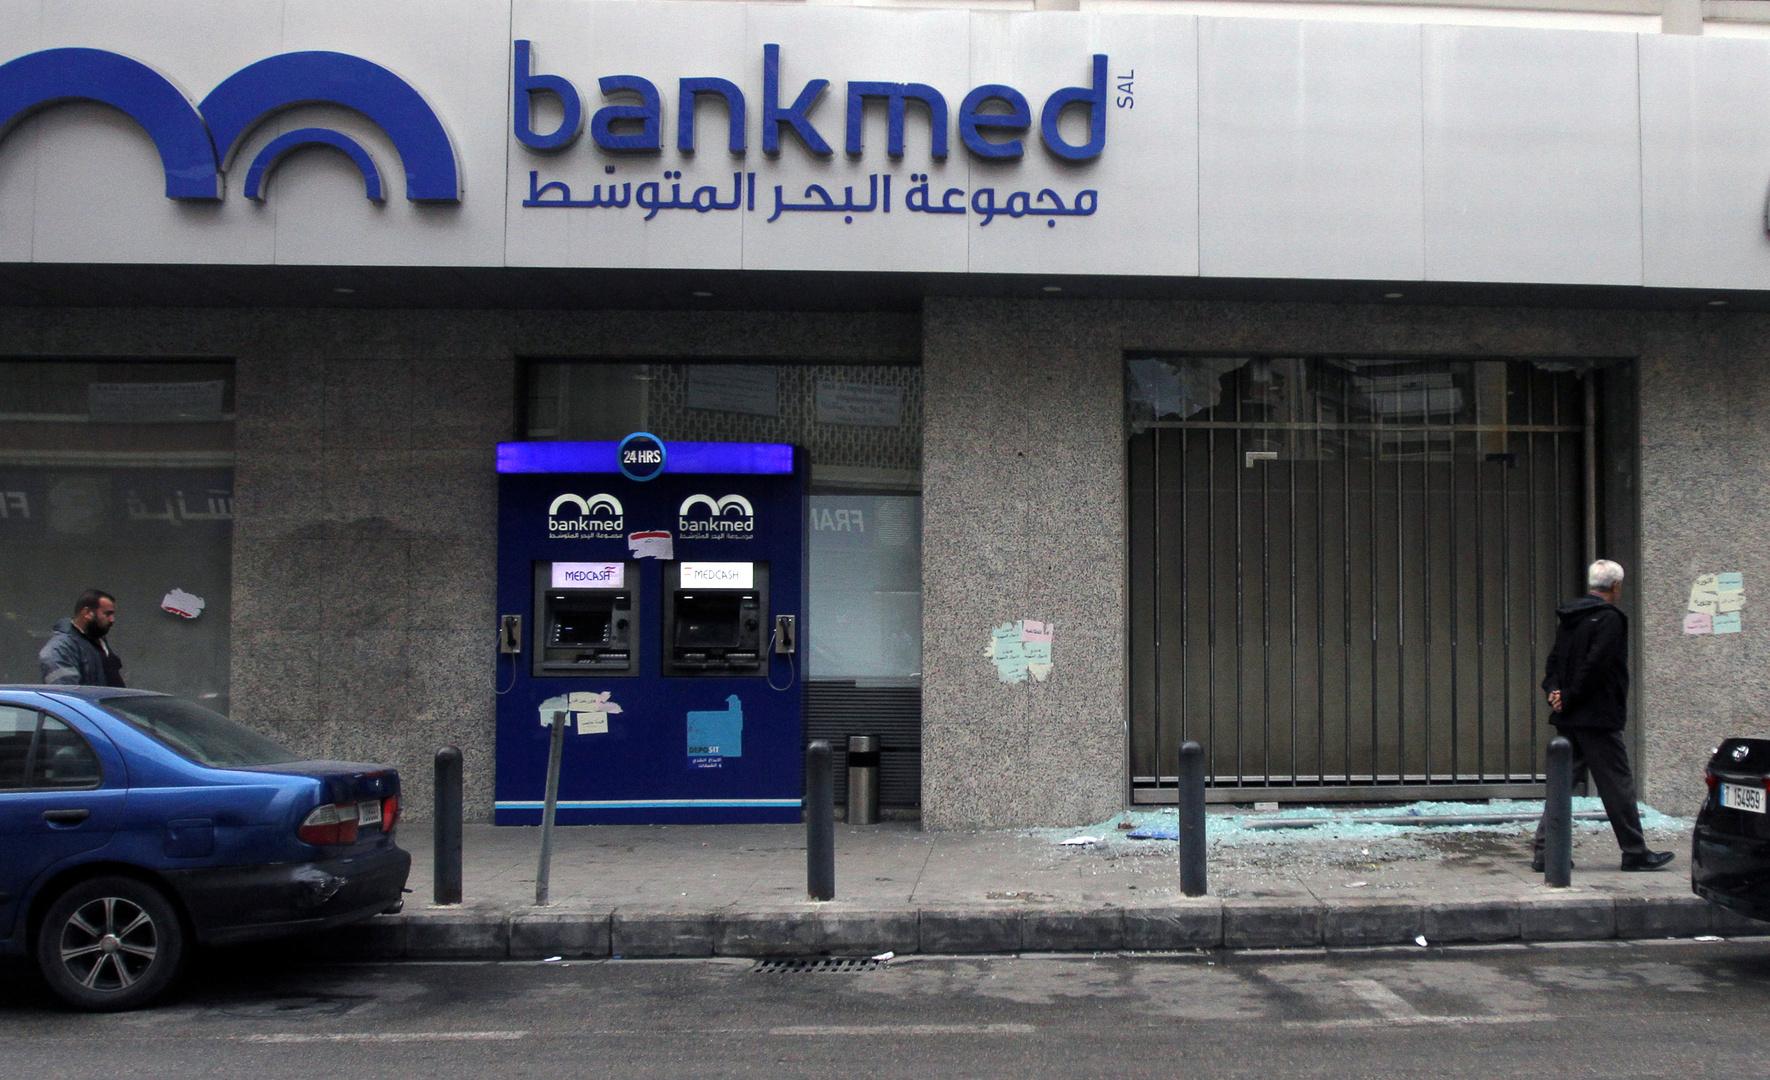 اللبنانيون سحبوا مليارات الدولارات من البنوك وأودعوها في بيوتهم